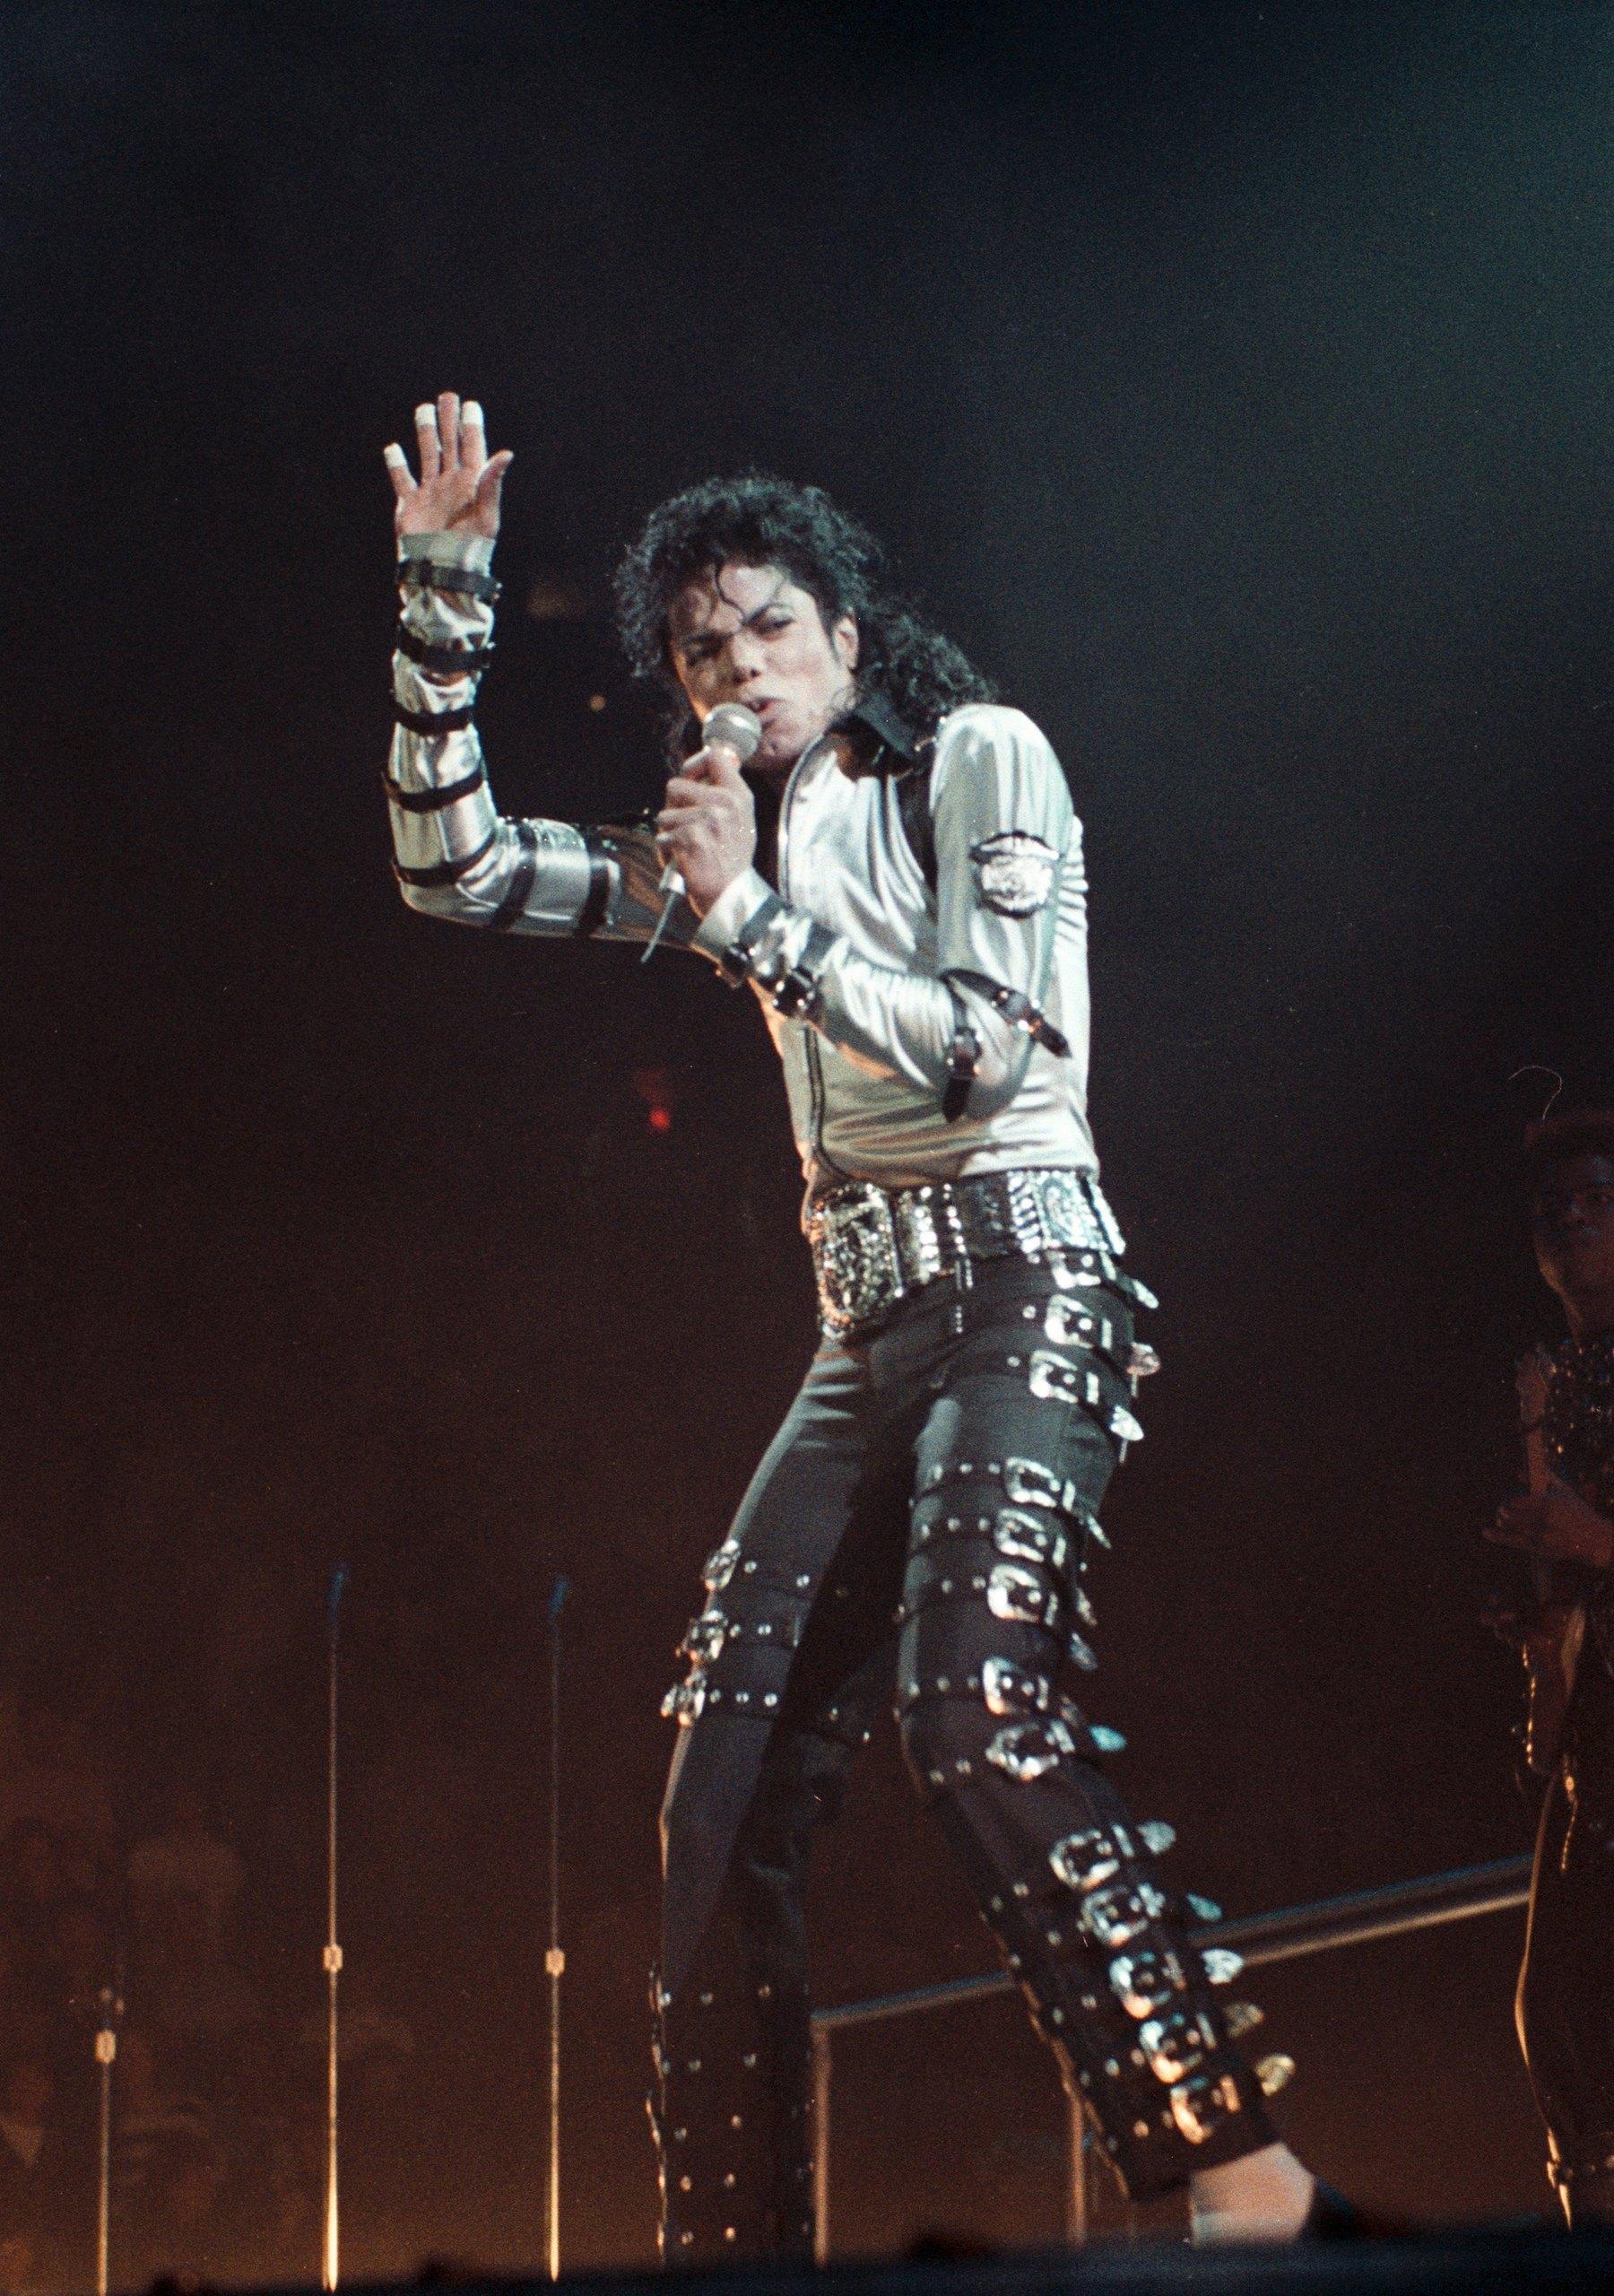 Bad Tour - Silver chemise (Second Leg)